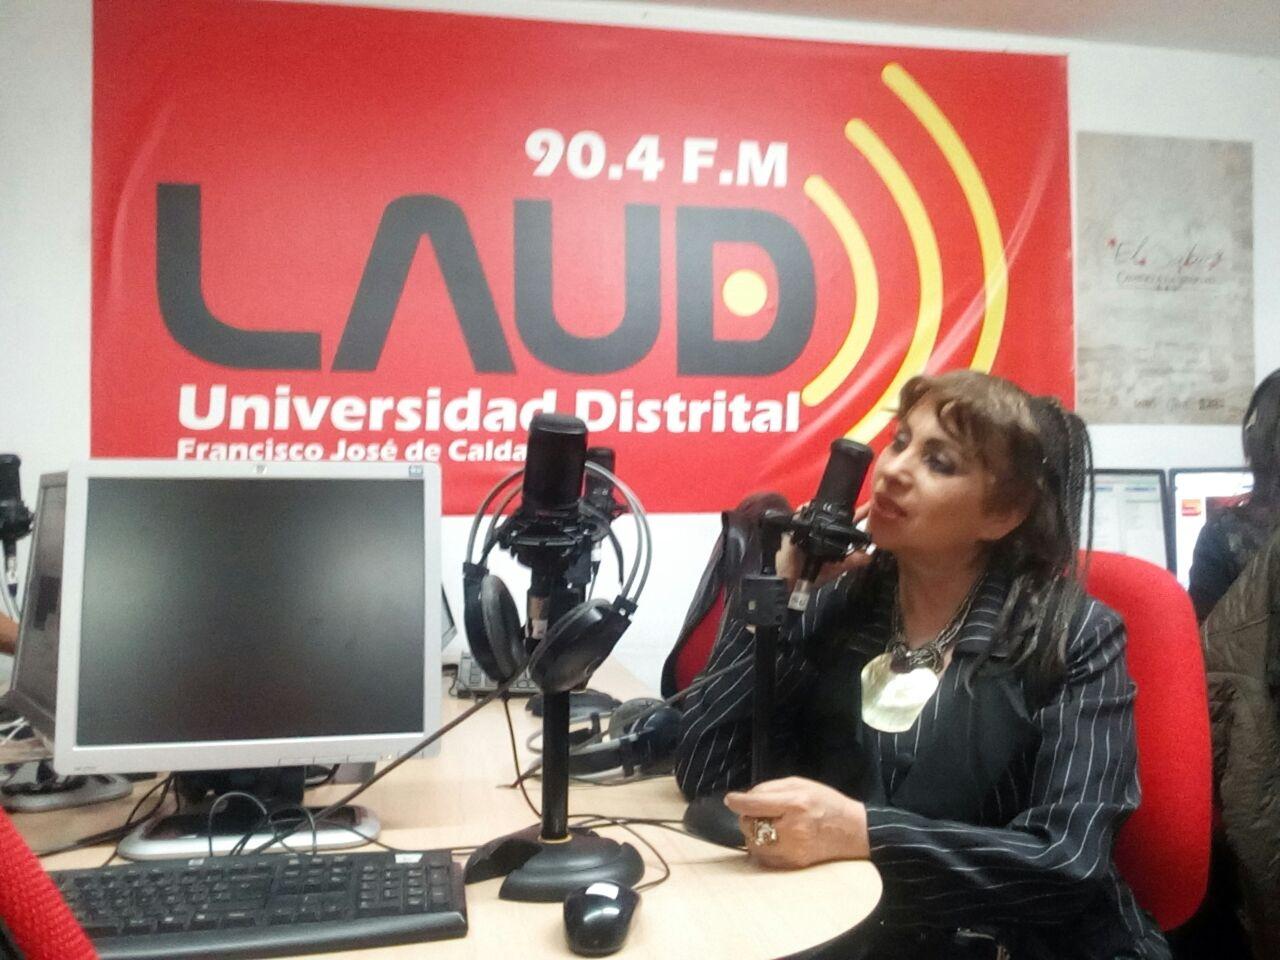 doris_david_emisora_laud_lanzamiento_libro-2